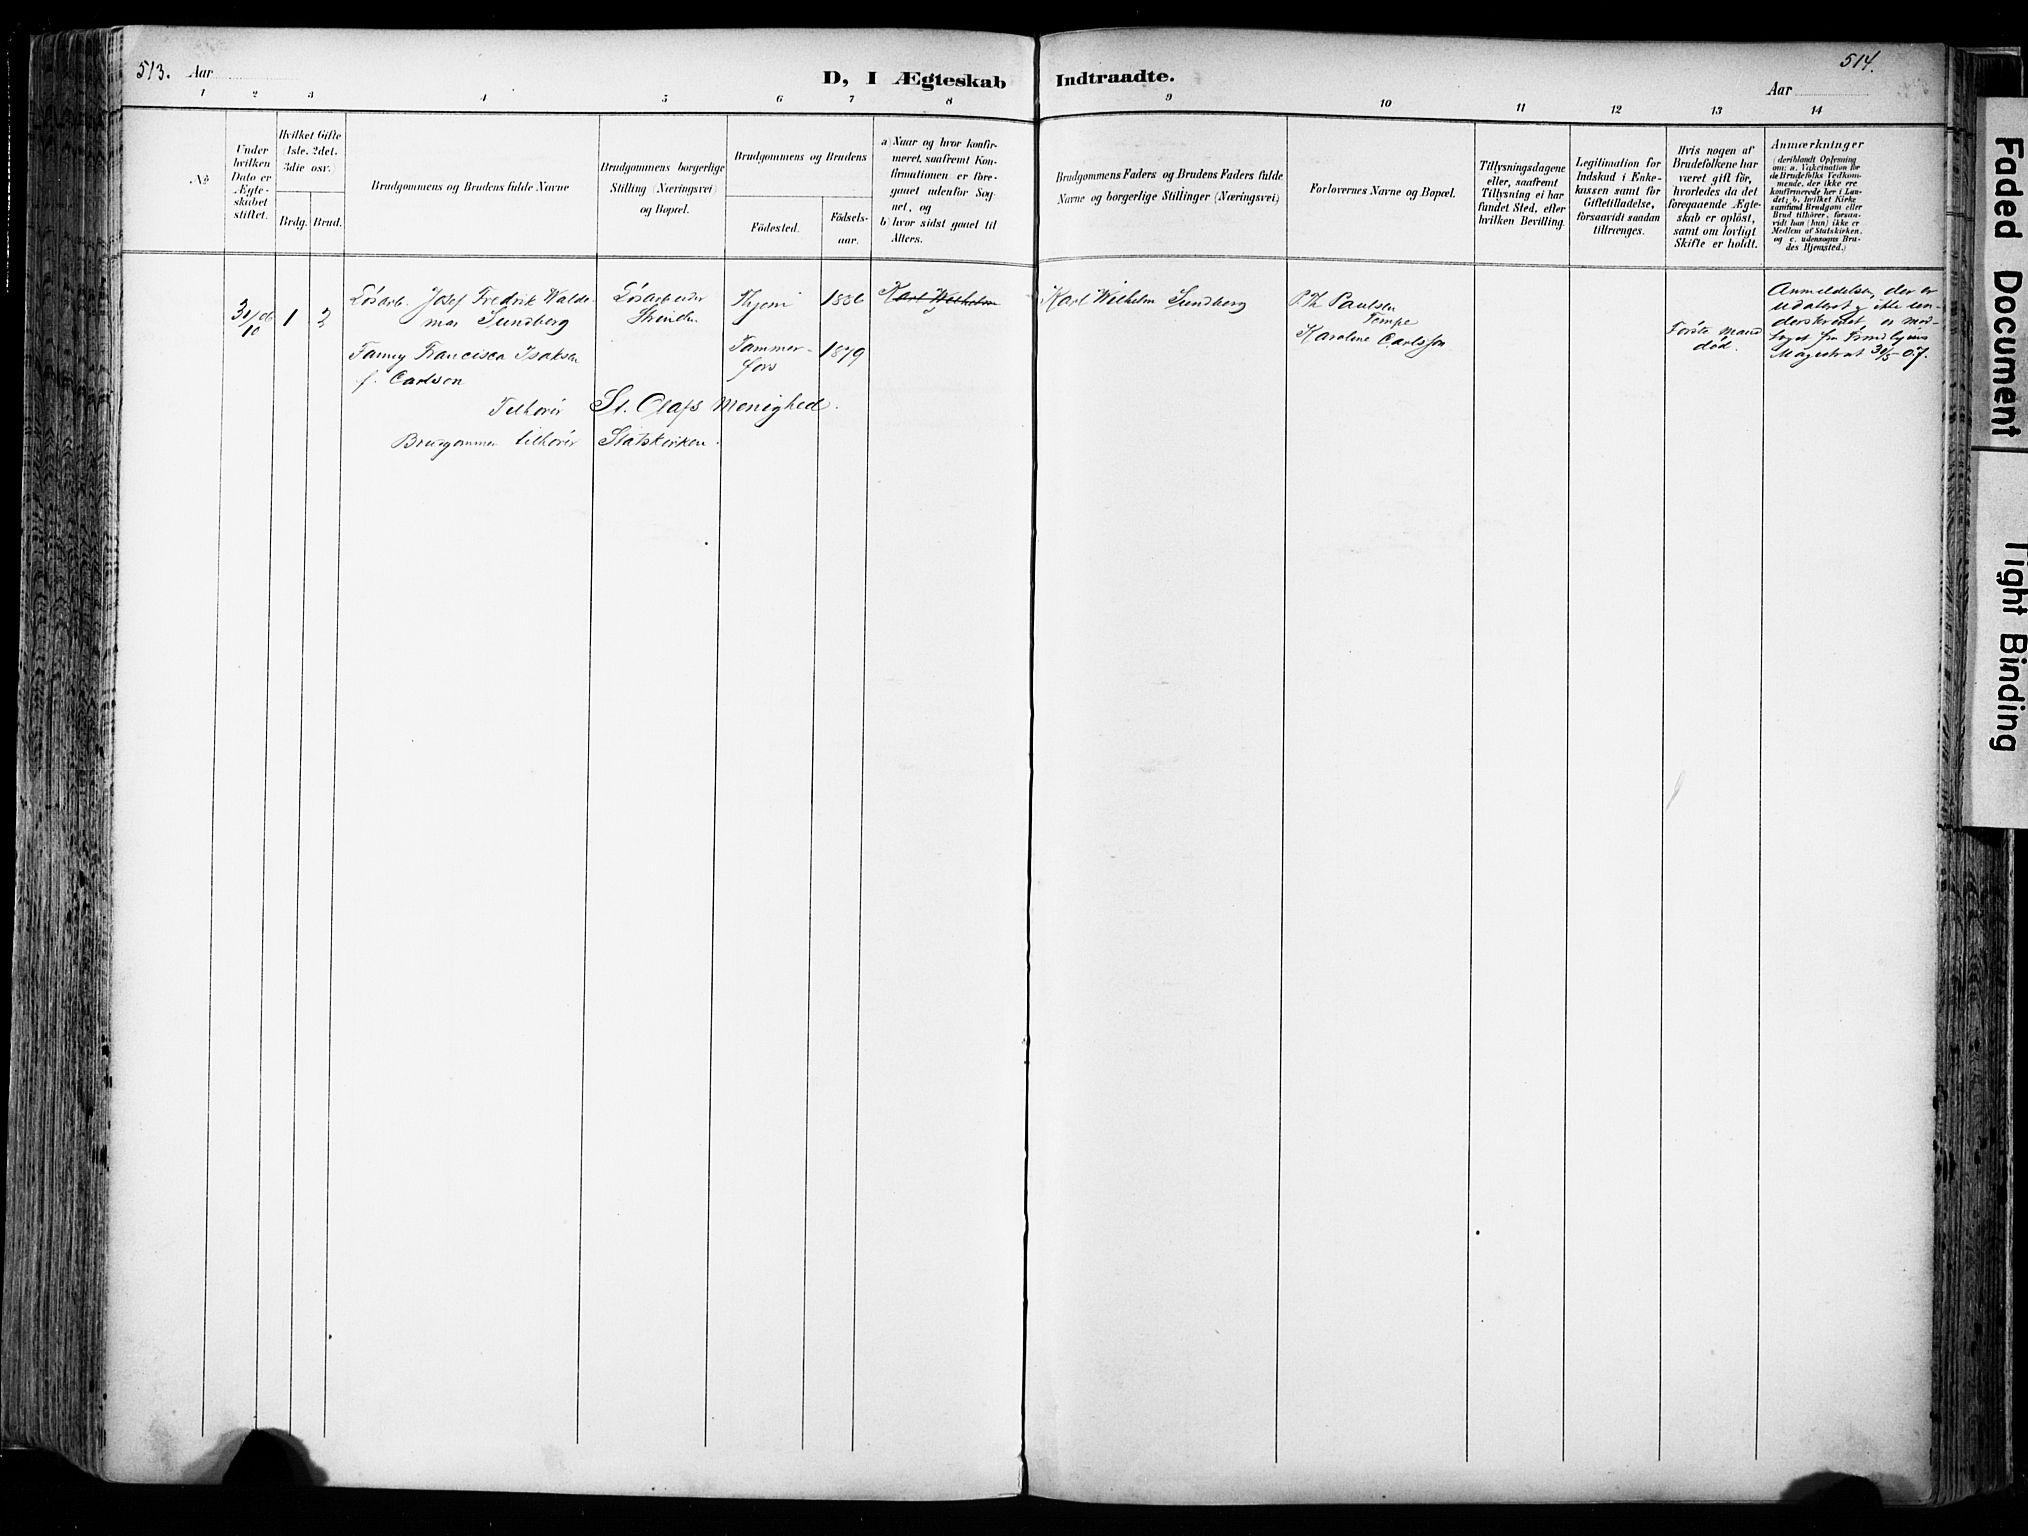 SAT, Ministerialprotokoller, klokkerbøker og fødselsregistre - Sør-Trøndelag, 606/L0301: Ministerialbok nr. 606A16, 1894-1907, s. 513-514